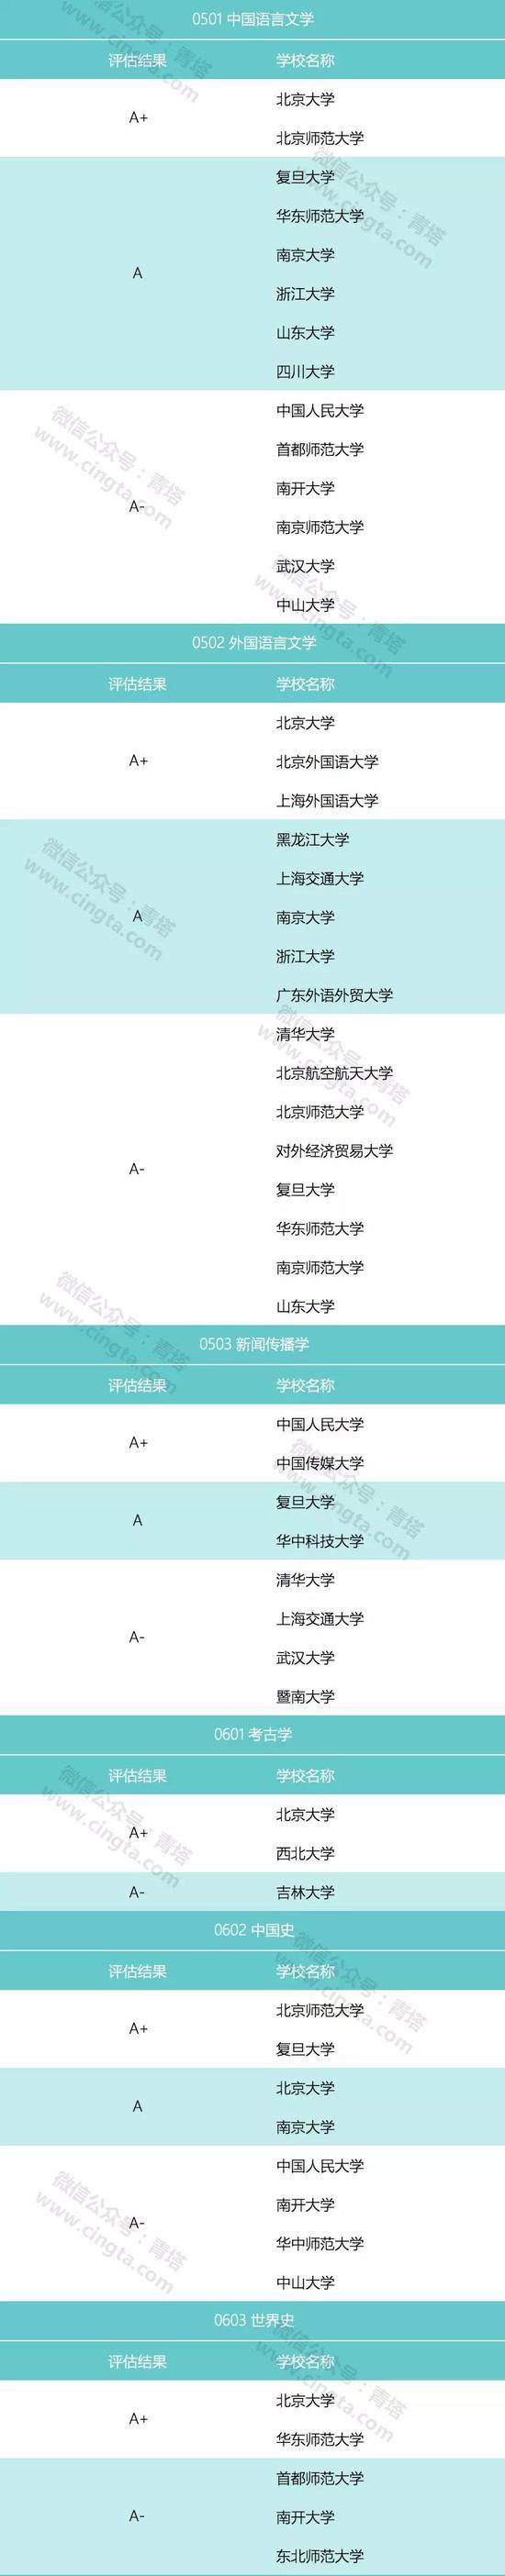 理学类(仅含A类)